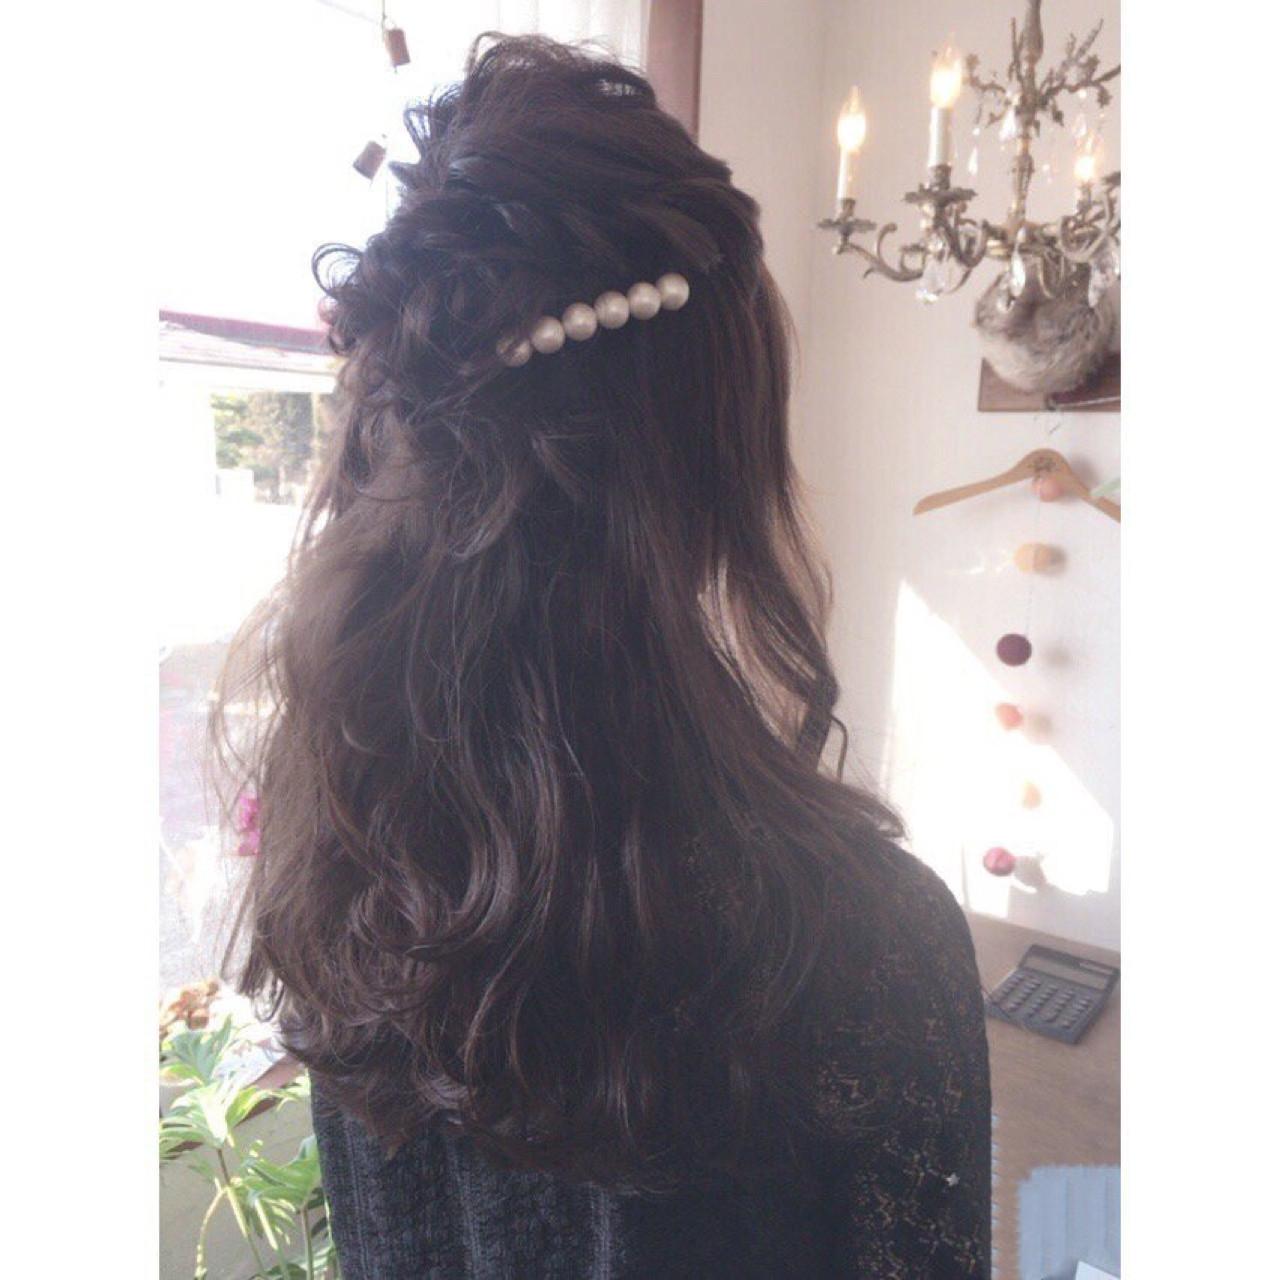 編み込み ナチュラル 結婚式 ショート ヘアスタイルや髪型の写真・画像 | 川内道子 instagram→michiko_k / Noelle インスタ→michiko_k